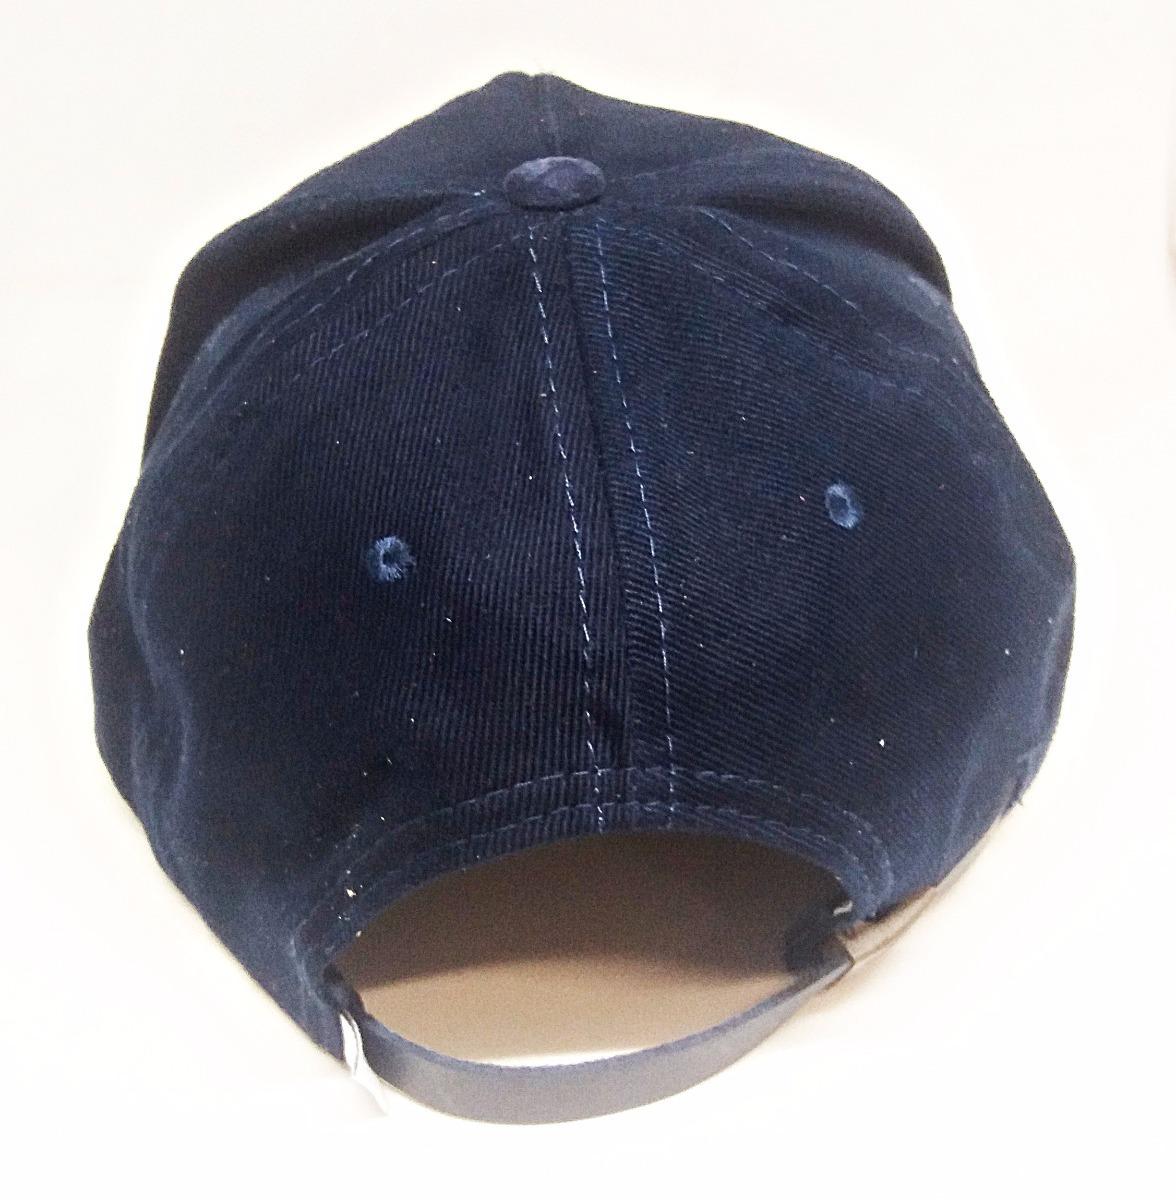 c4c454bba617b boné nelore azul marinho aba de couro escamada original. Carregando zoom.